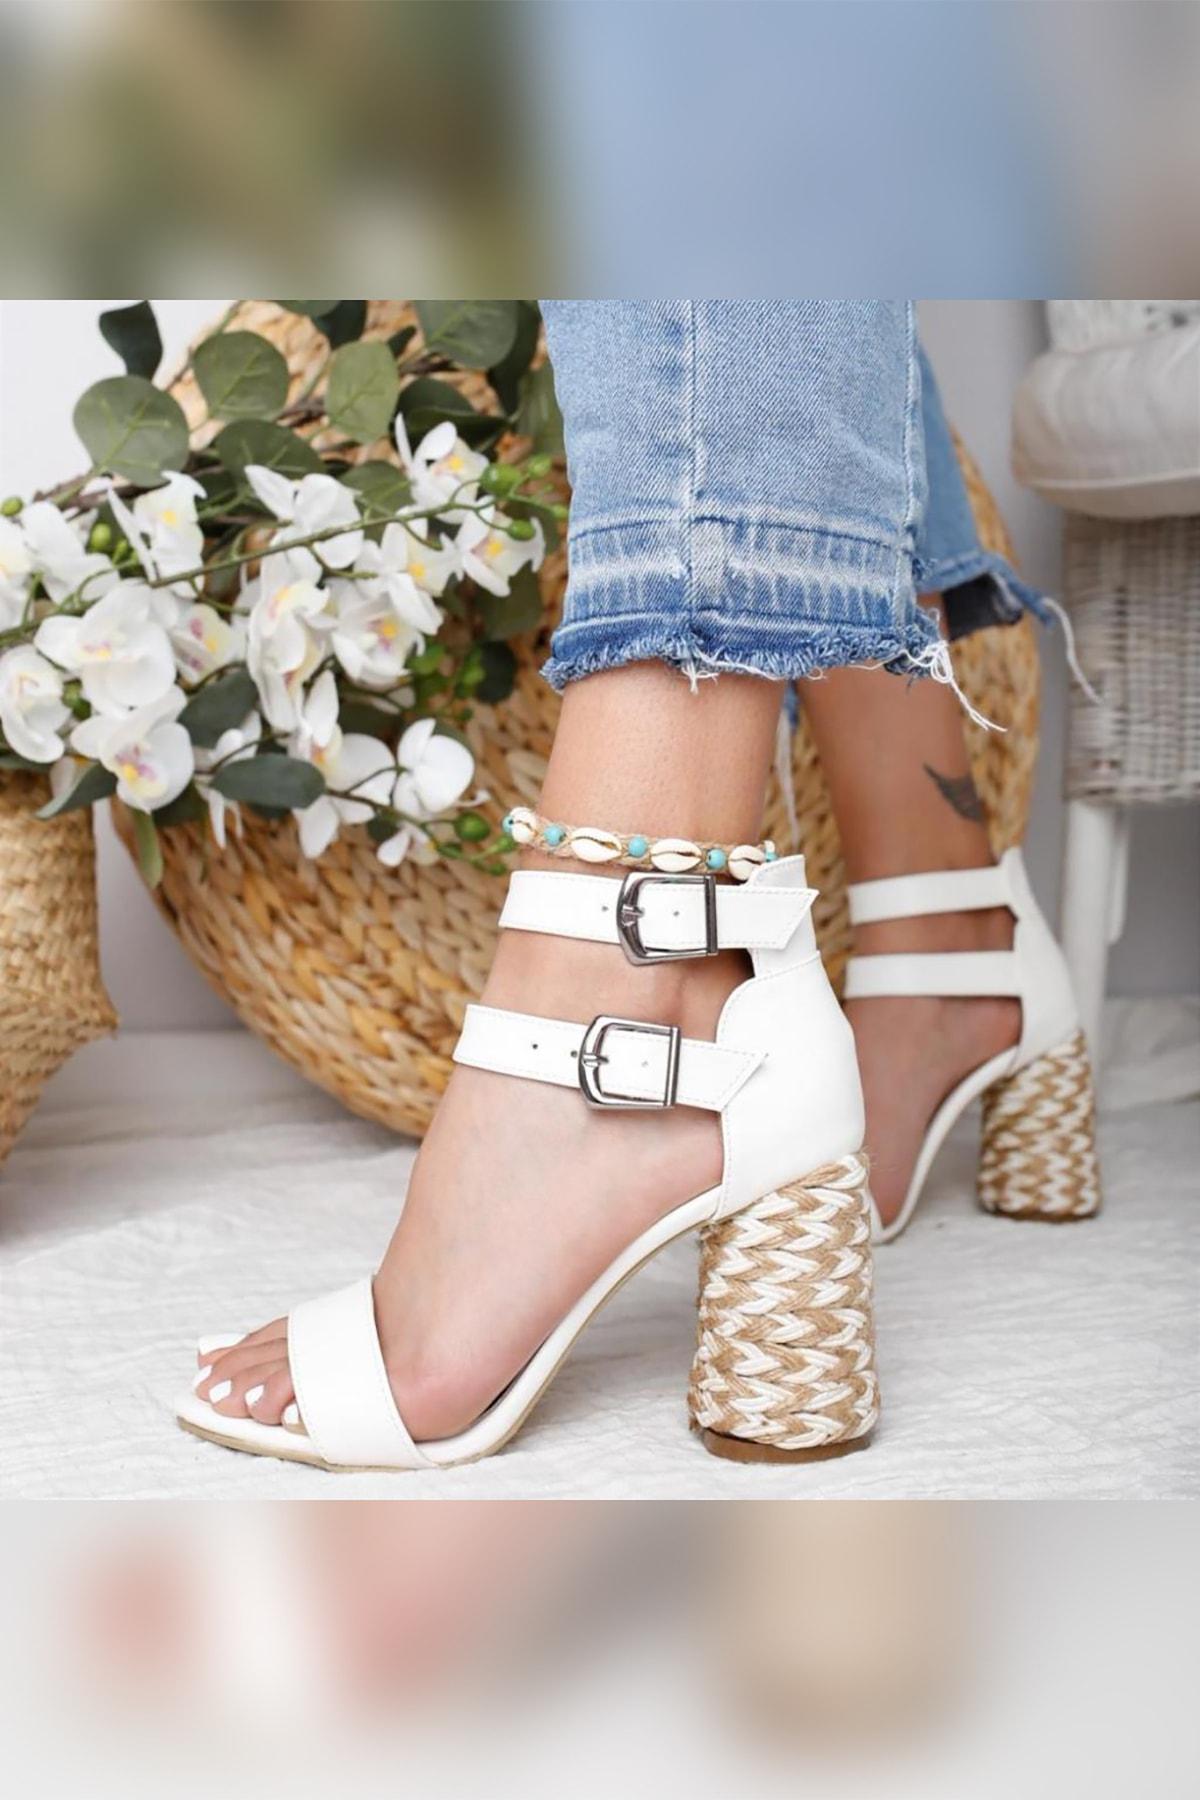 Limoya Galilea Beyaz Çift Bantlı Gerçek Hasır Topuklu Sandalet 2